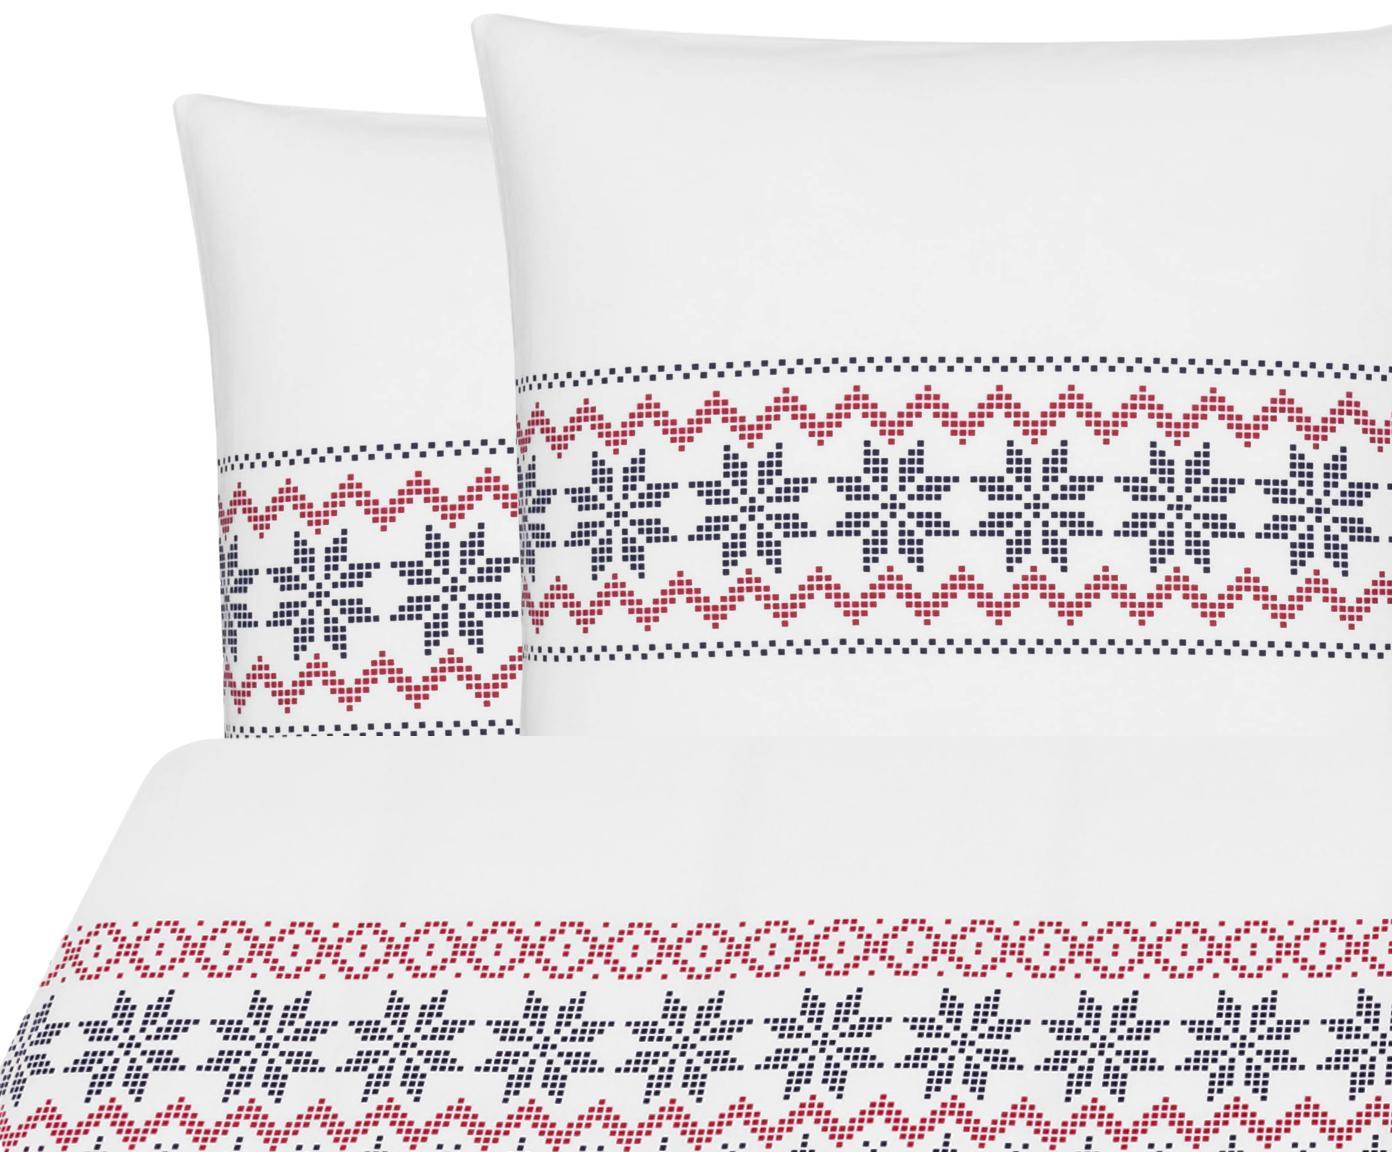 Flanell-Bettwäsche Finja mit Muster, Webart: Flanell Flanell ist ein s, Weiss, Dunkelblau, Rot, 200 x 200 cm + 2 Kissen 80 x 80 cm